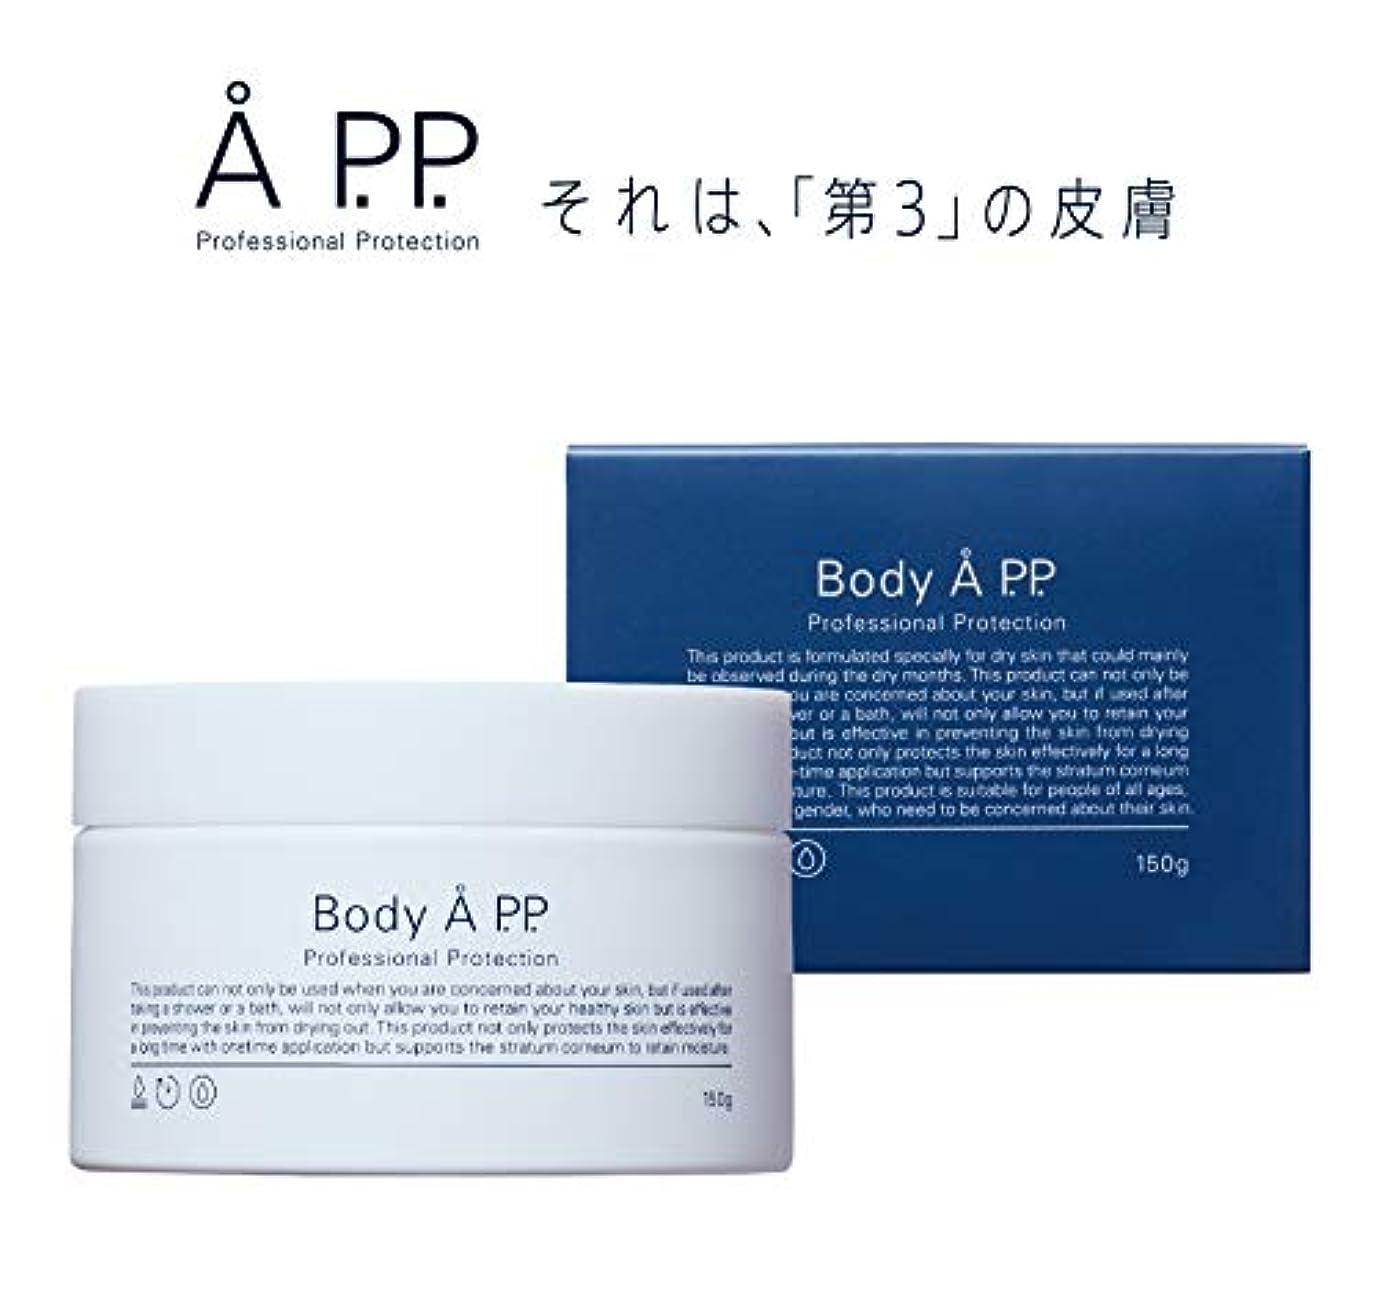 ブリード銃合法Body A P.P. プロフェッショナルプロテクション 高機能 ボディクリーム ボディークリーム 人気 ランキング 保湿 無香料 150g (1個)